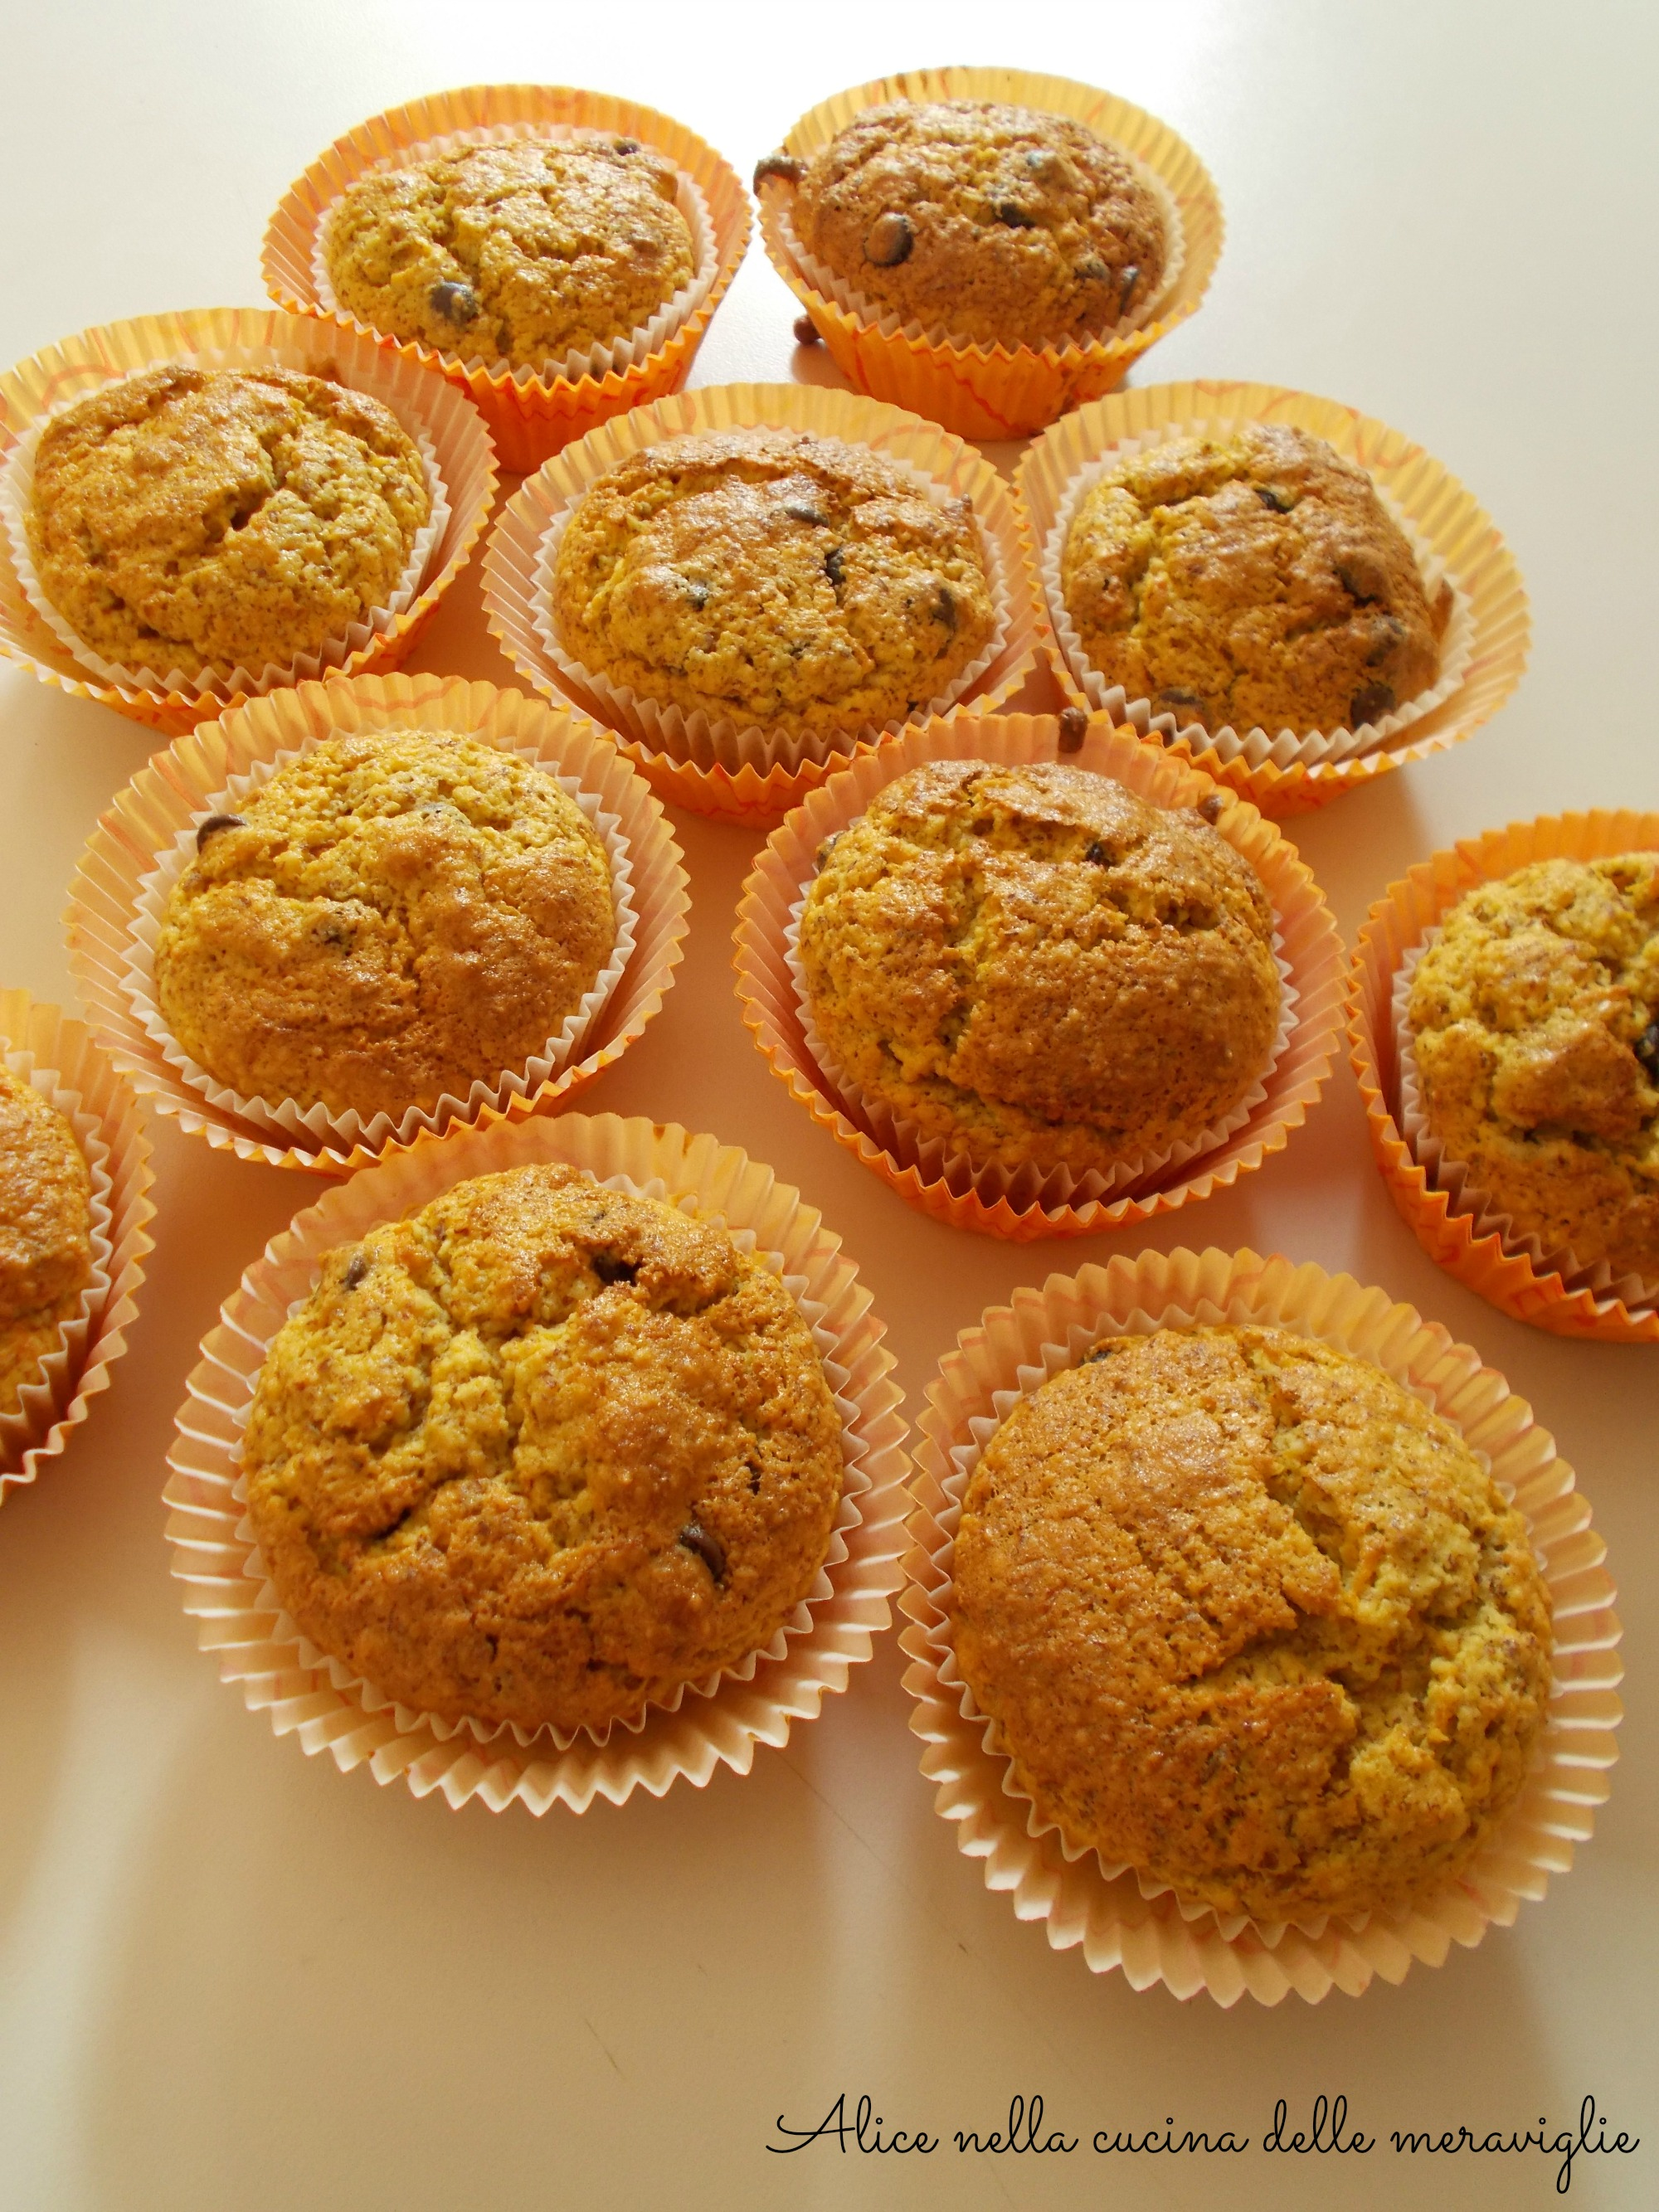 Muffin alle carote, mandorle e gocce di cioccolato Ricetta dolce senza grassi aggiunti Alice nella cucina delle meraviglie